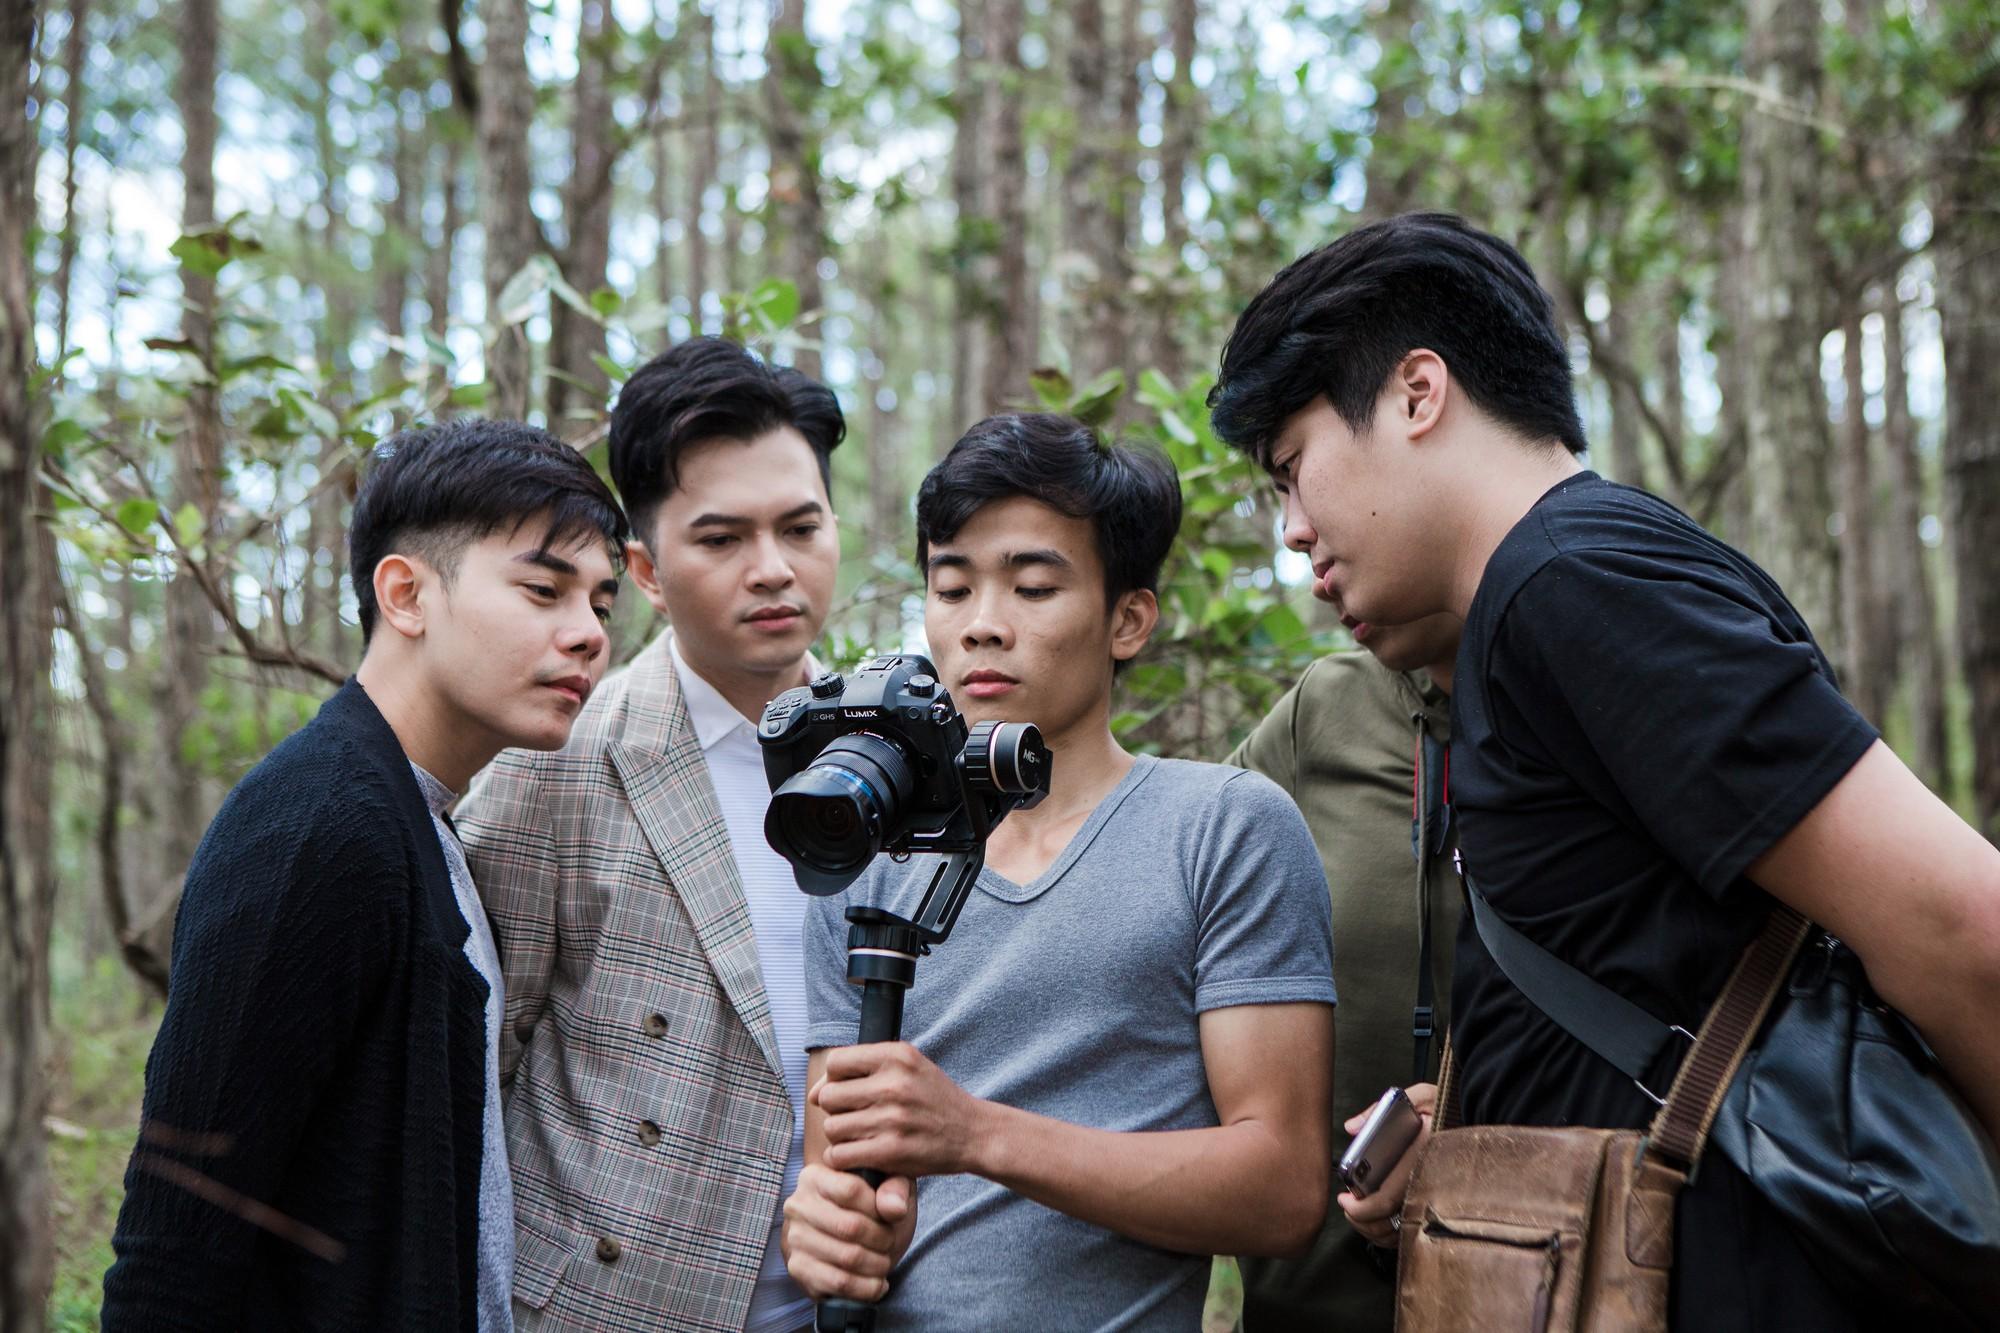 Nam Cường kể chuyện tình tay ba với Mai Bảo Ngọc và Ngọc Thuận - Ảnh 8.